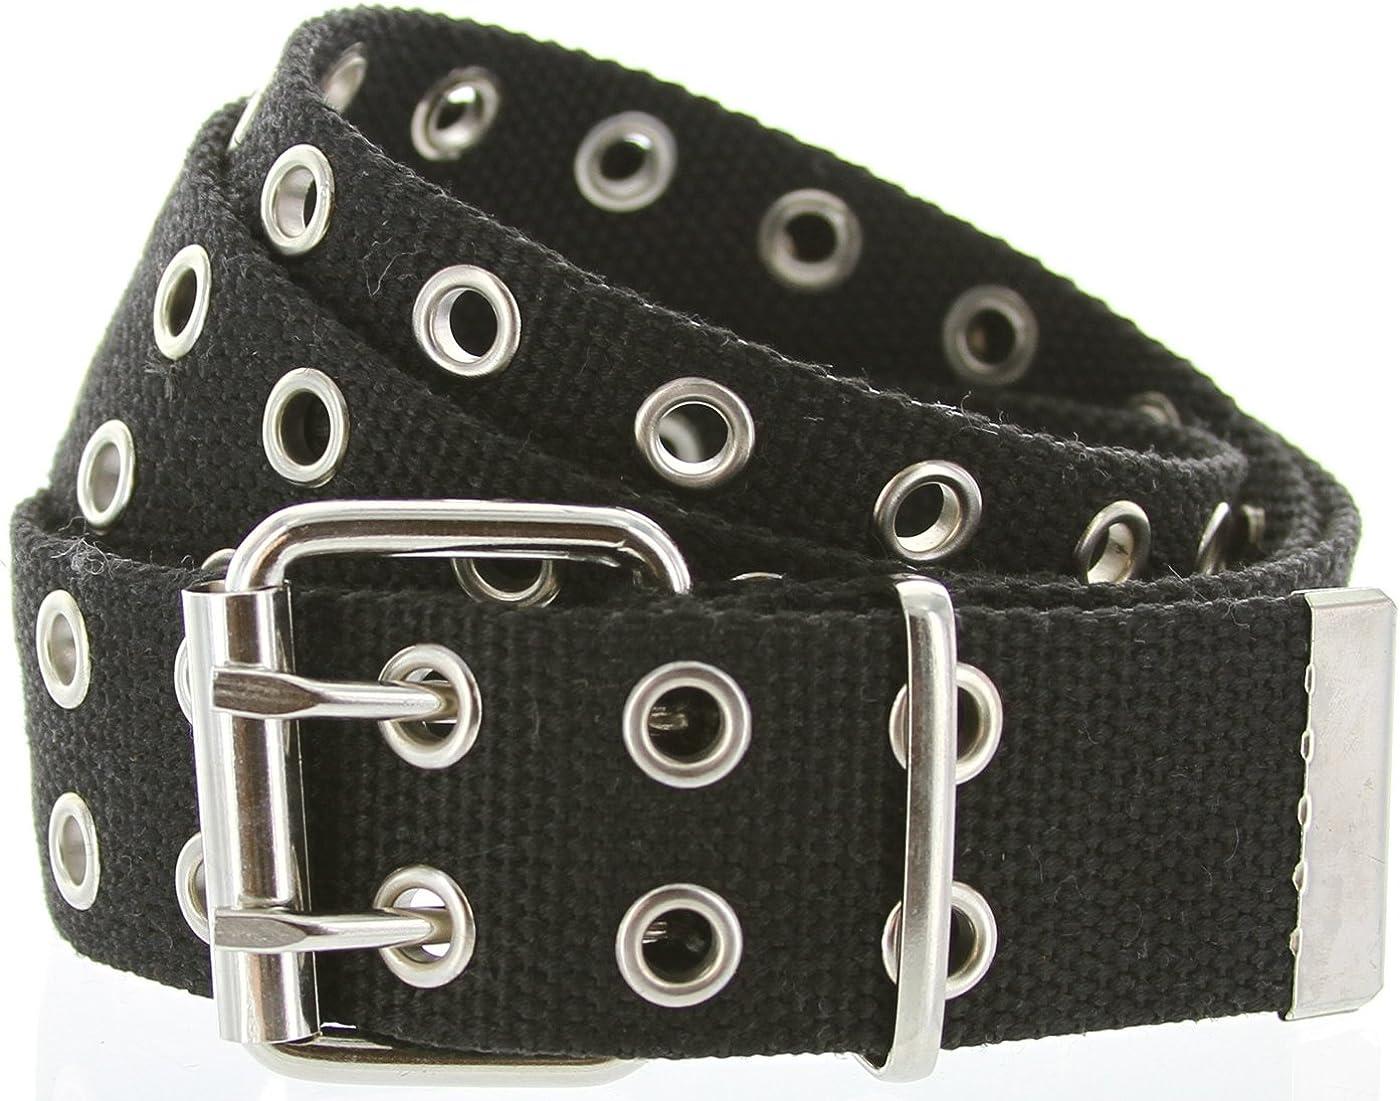 JASGOOD Double Grommet Belt Canvas Belt Double Hole Belt for Men Women Punk Rock Jeans Belt